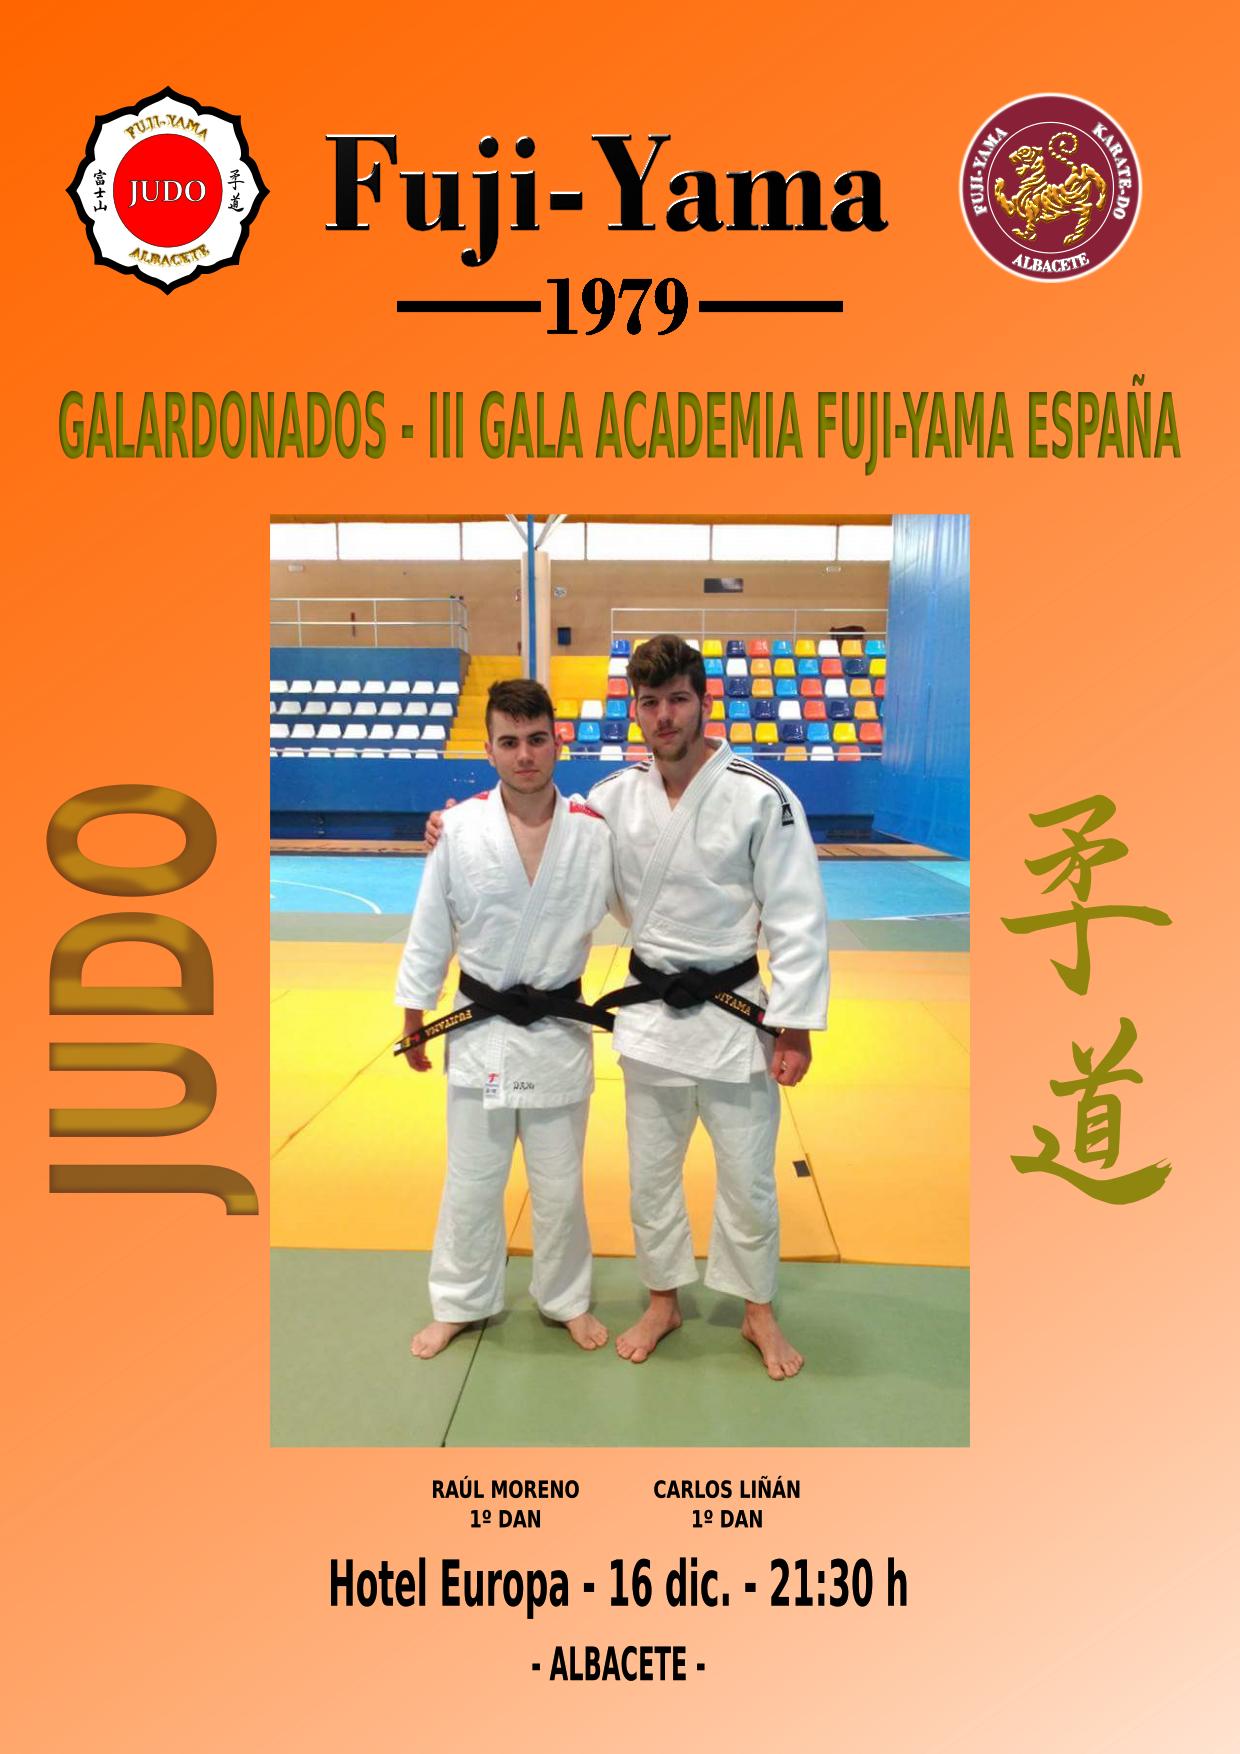 galardonados-judo-2016